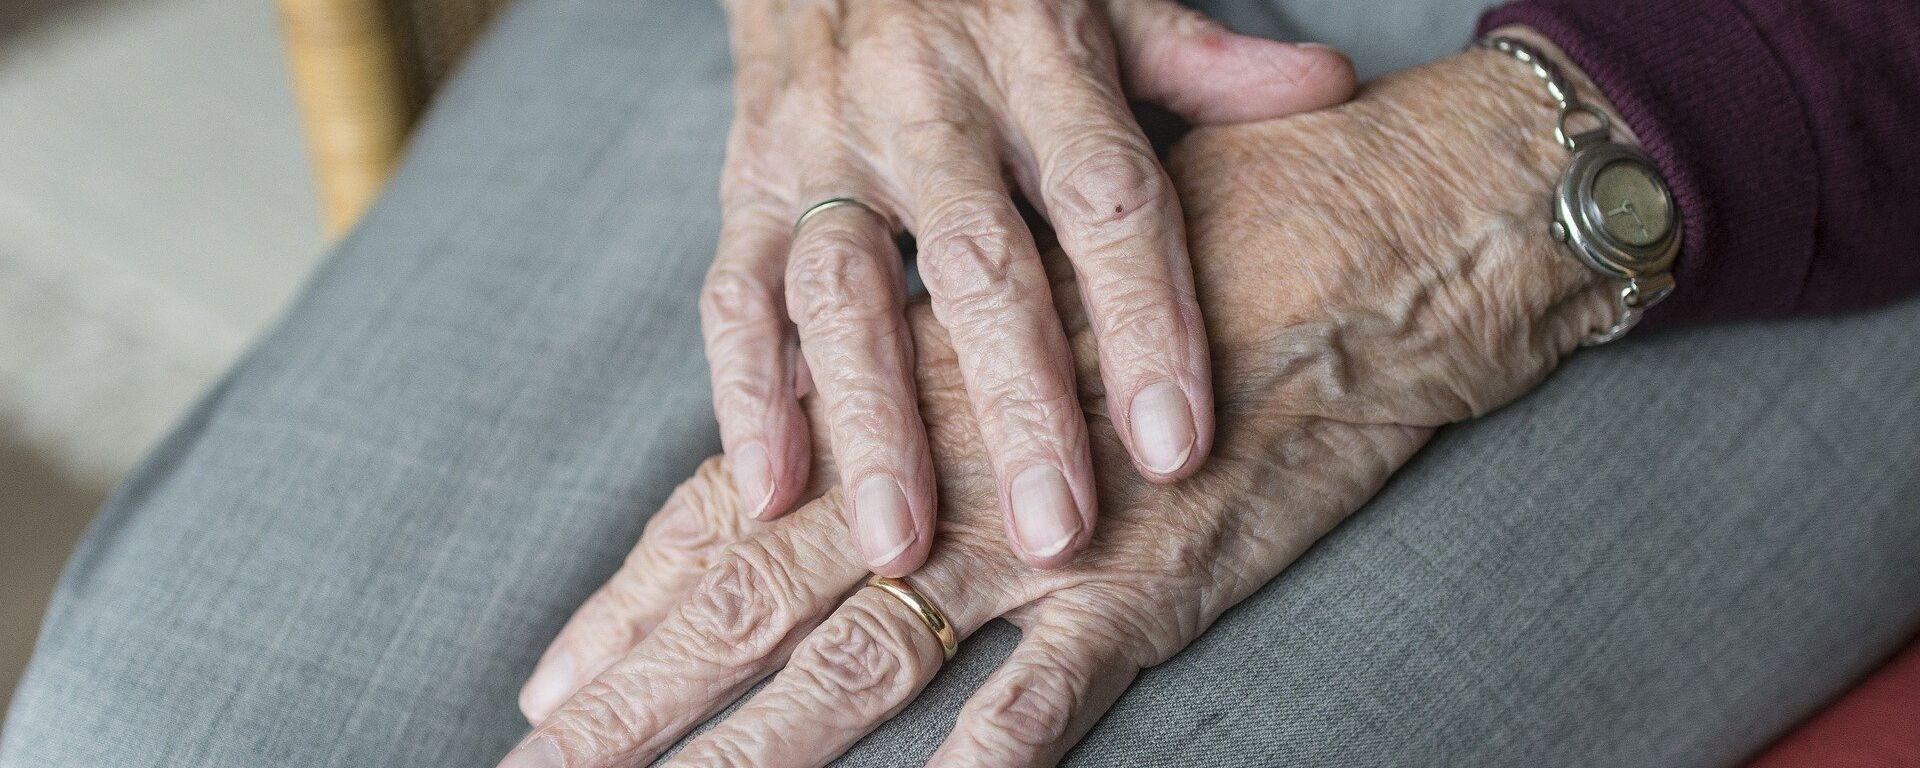 Las manos de una anciana (imagen referencial) - Sputnik Mundo, 1920, 18.07.2018